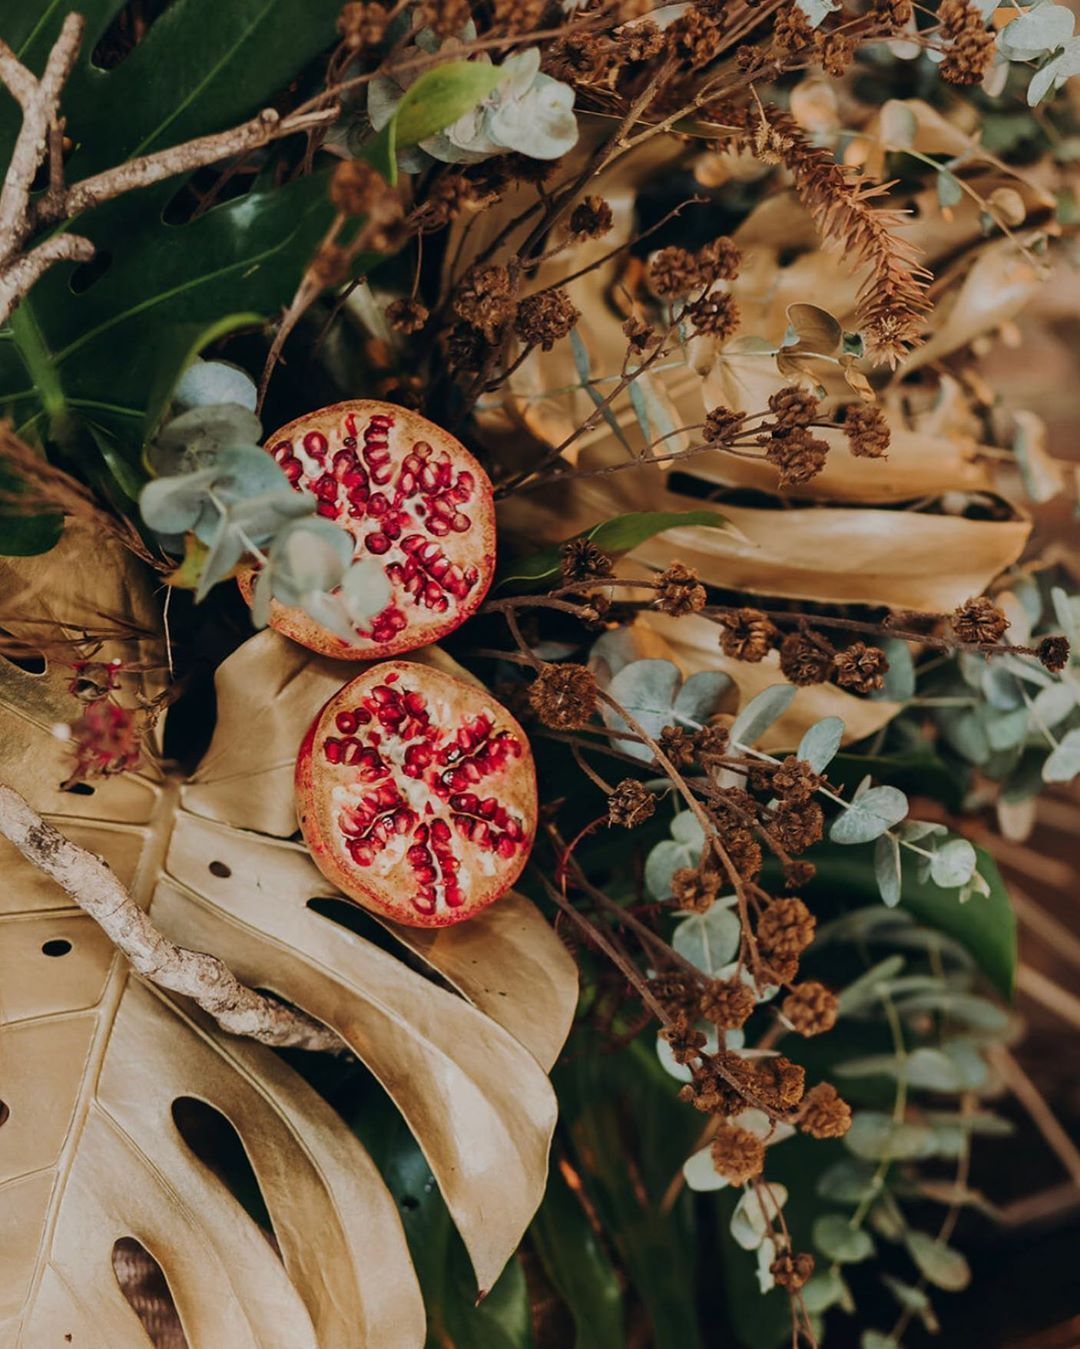 Buquês e arranjos com folhas secas